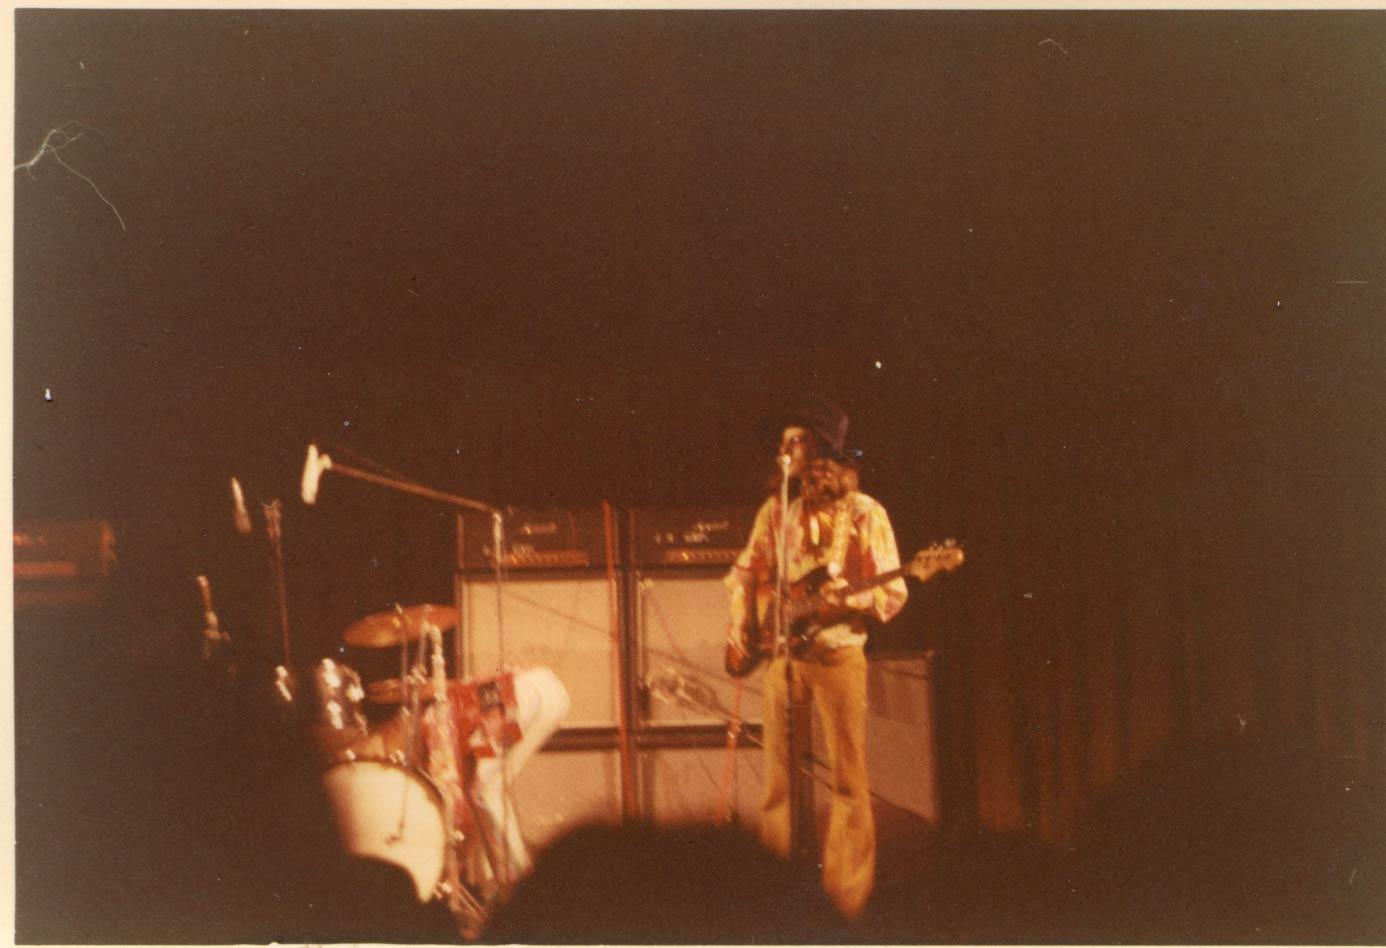 Stockholm (Konserthuset) : 9 janvier 1969 [Second concert]  53b88e60cc4cca5c11f4d130d94a8a93